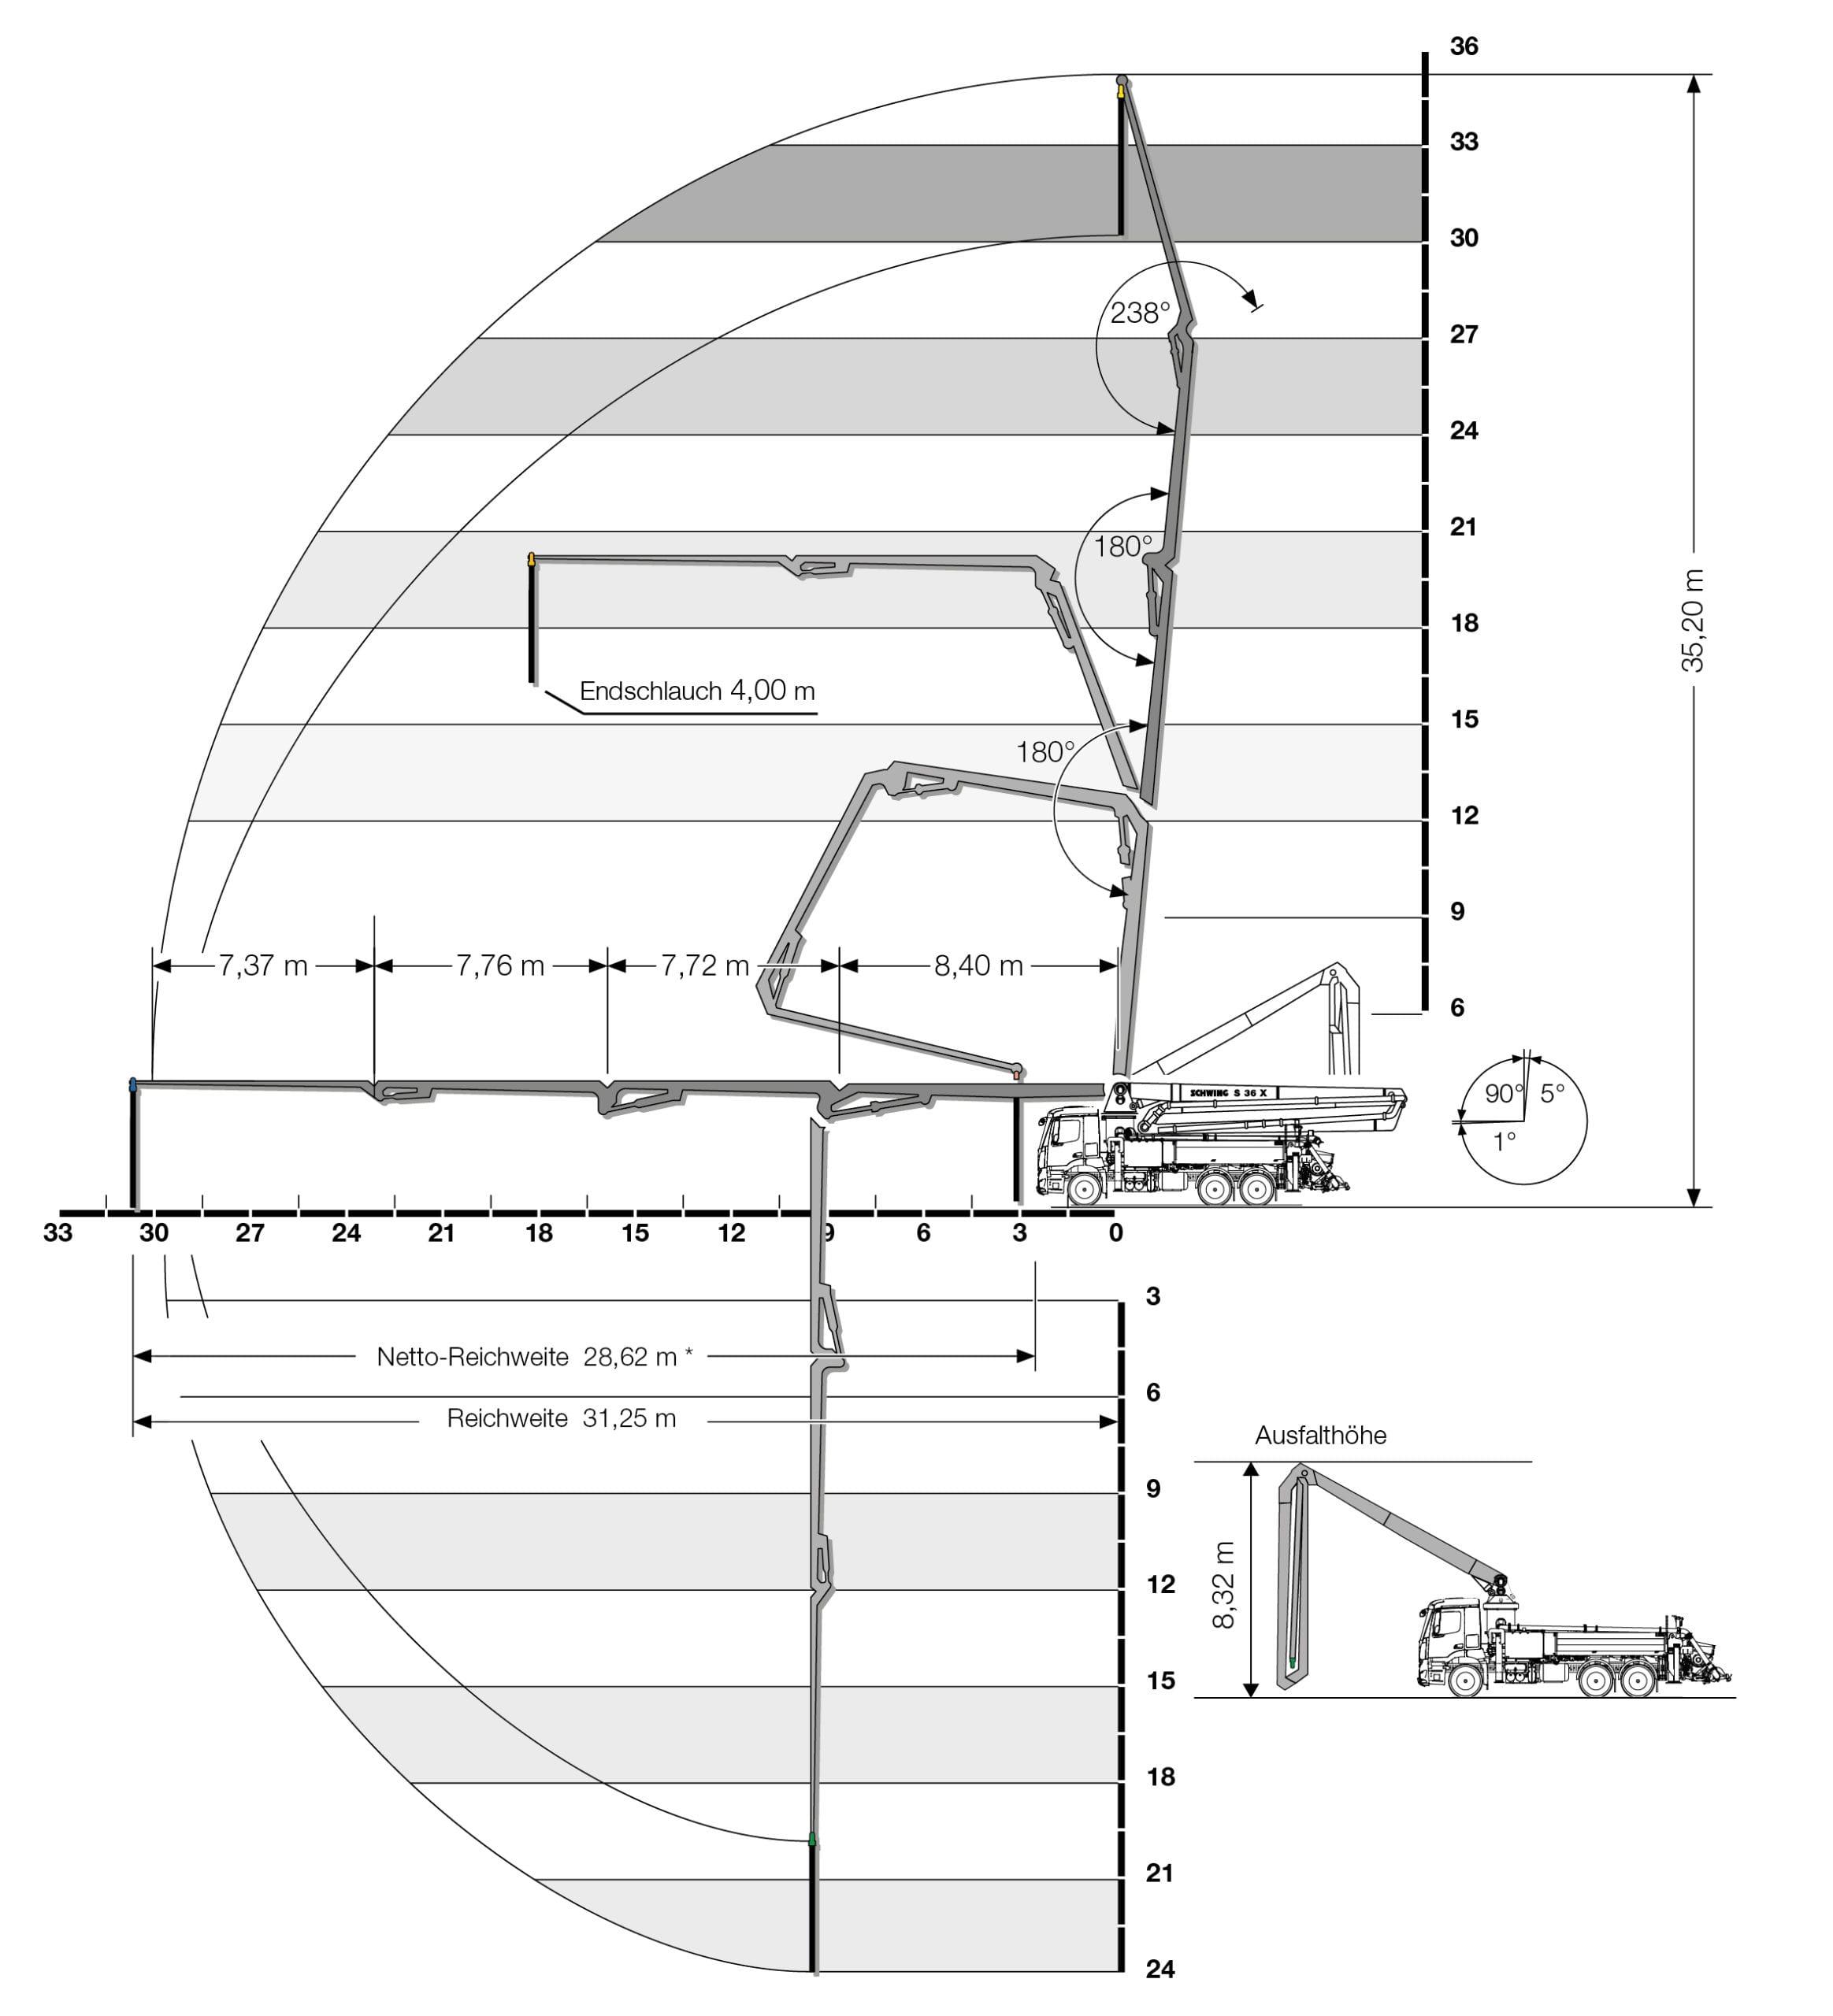 betonpomp giekbereik 36 meter